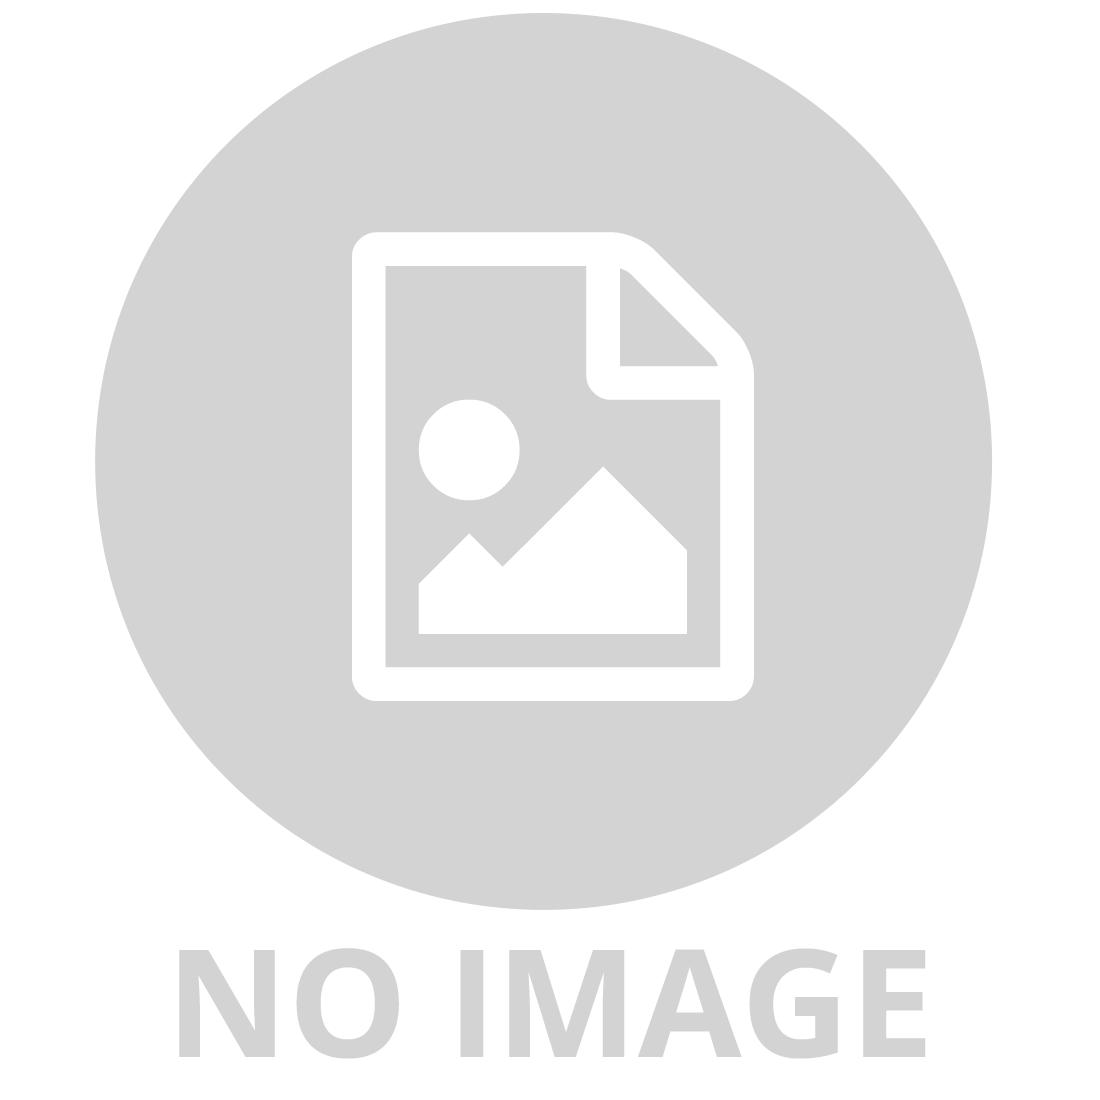 LEGO STAR WARS 75208 YODA'S HOME